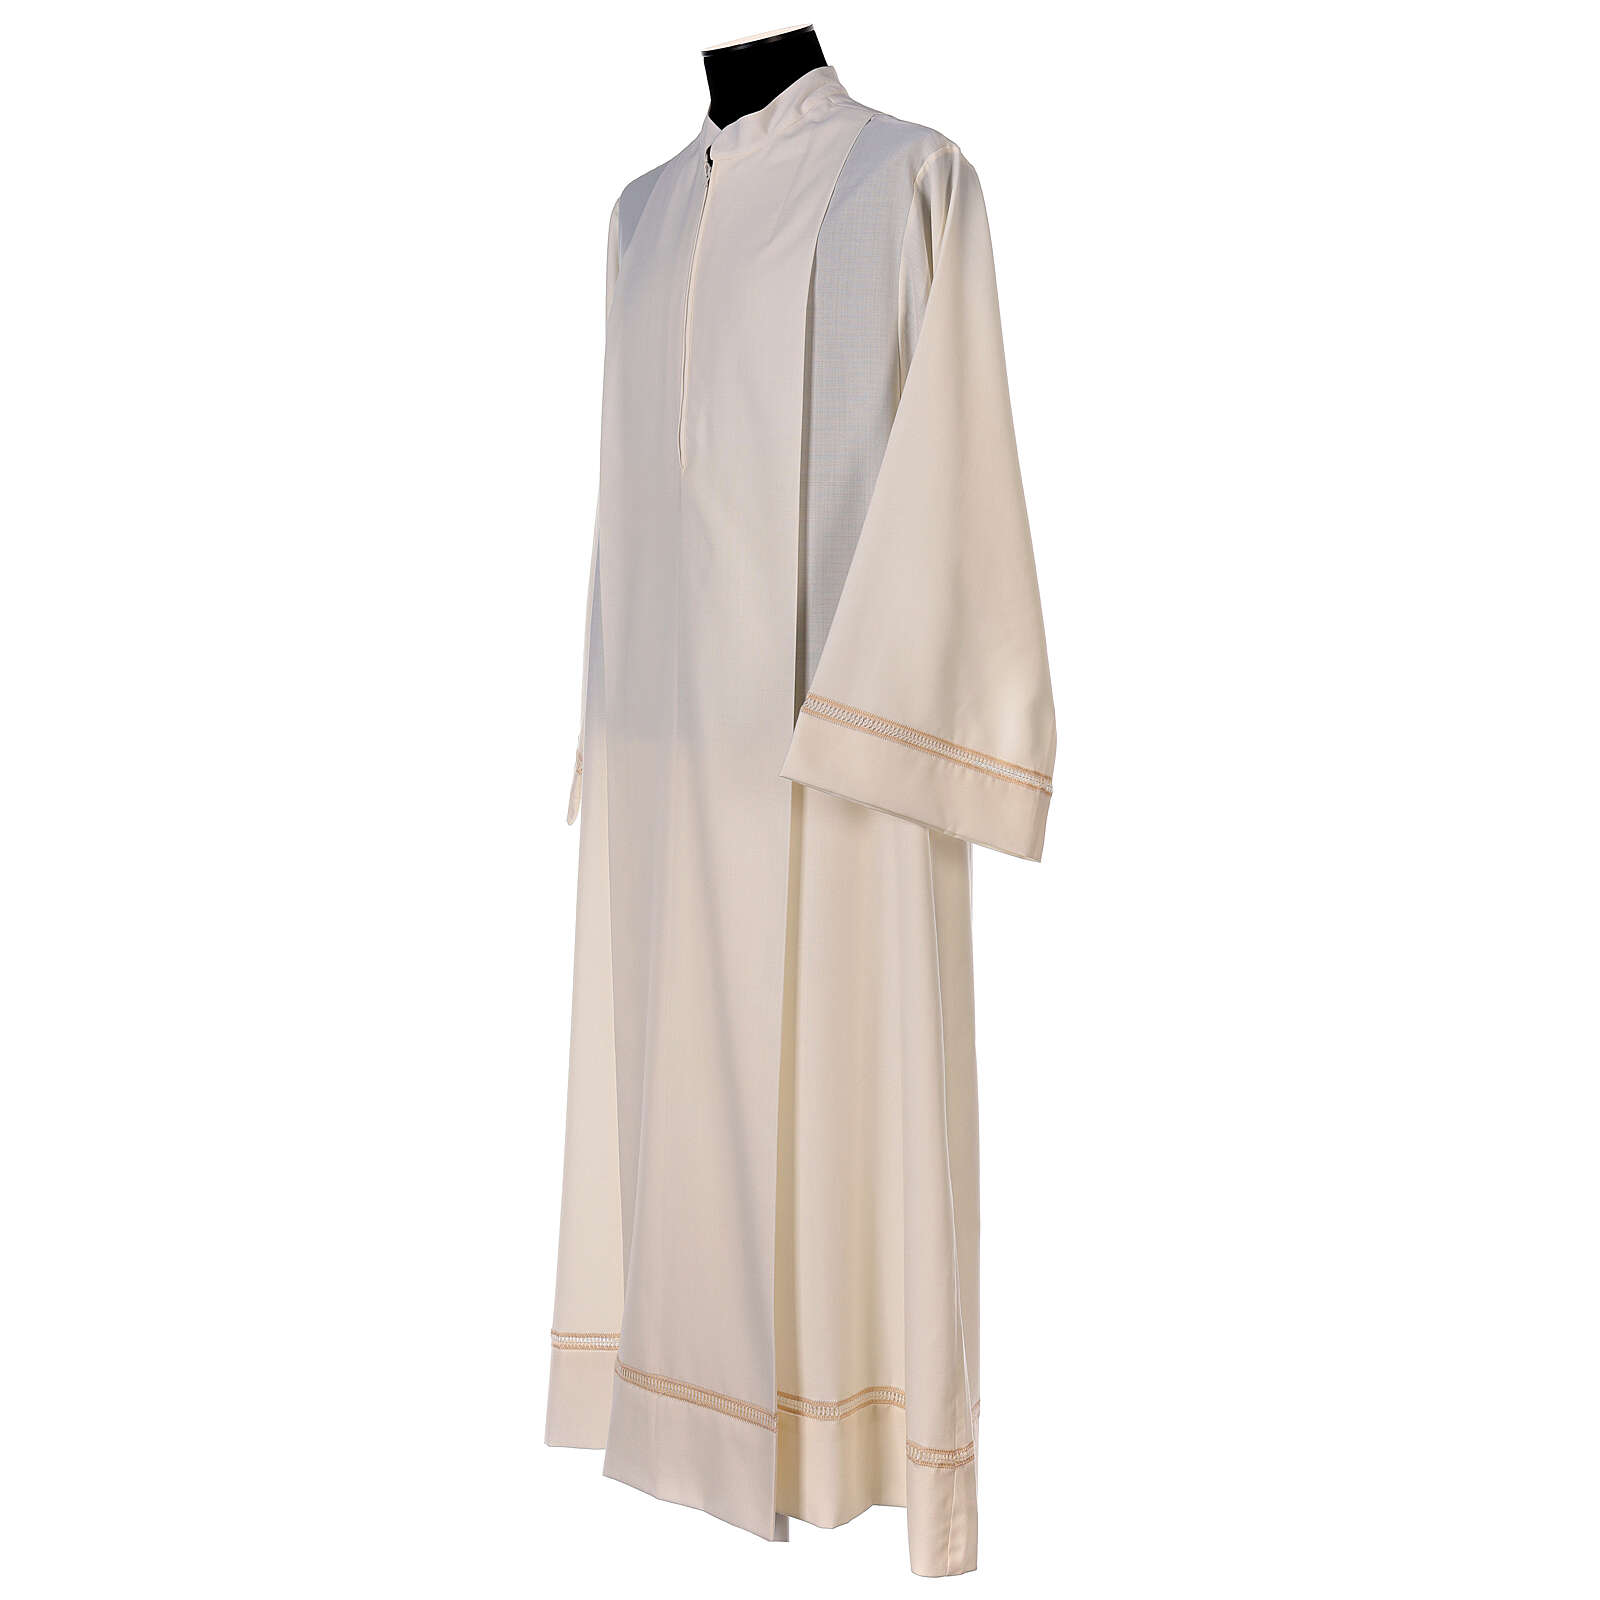 Aube 55% laine 45% polyester couleur ivoire ourlet à jour brodé main et fermeture éclair avant 4